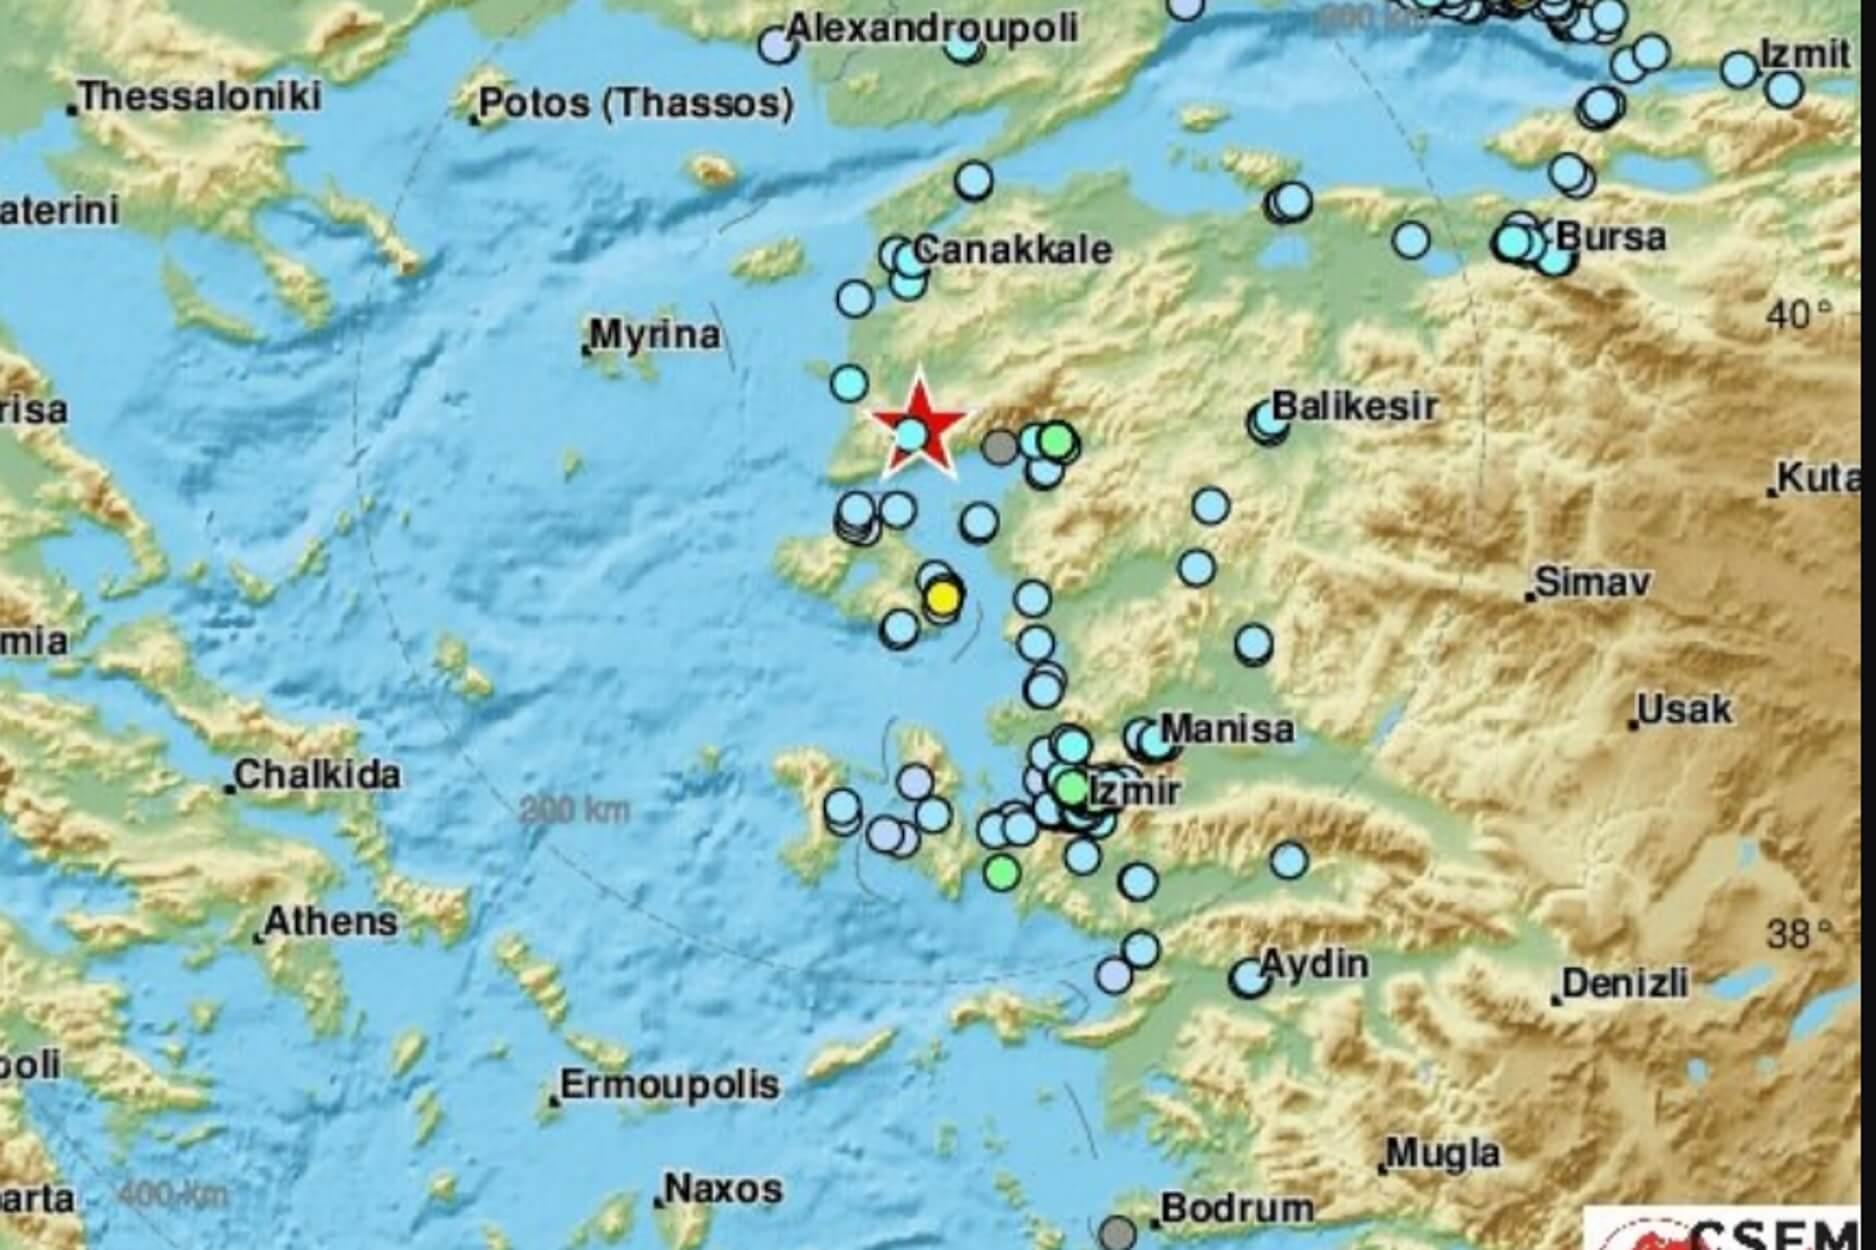 Σεισμός αισθητός στη Λέσβο: Τι καταγράφουν οι σεισμογράφοι – Συνεχής ενημέρωση